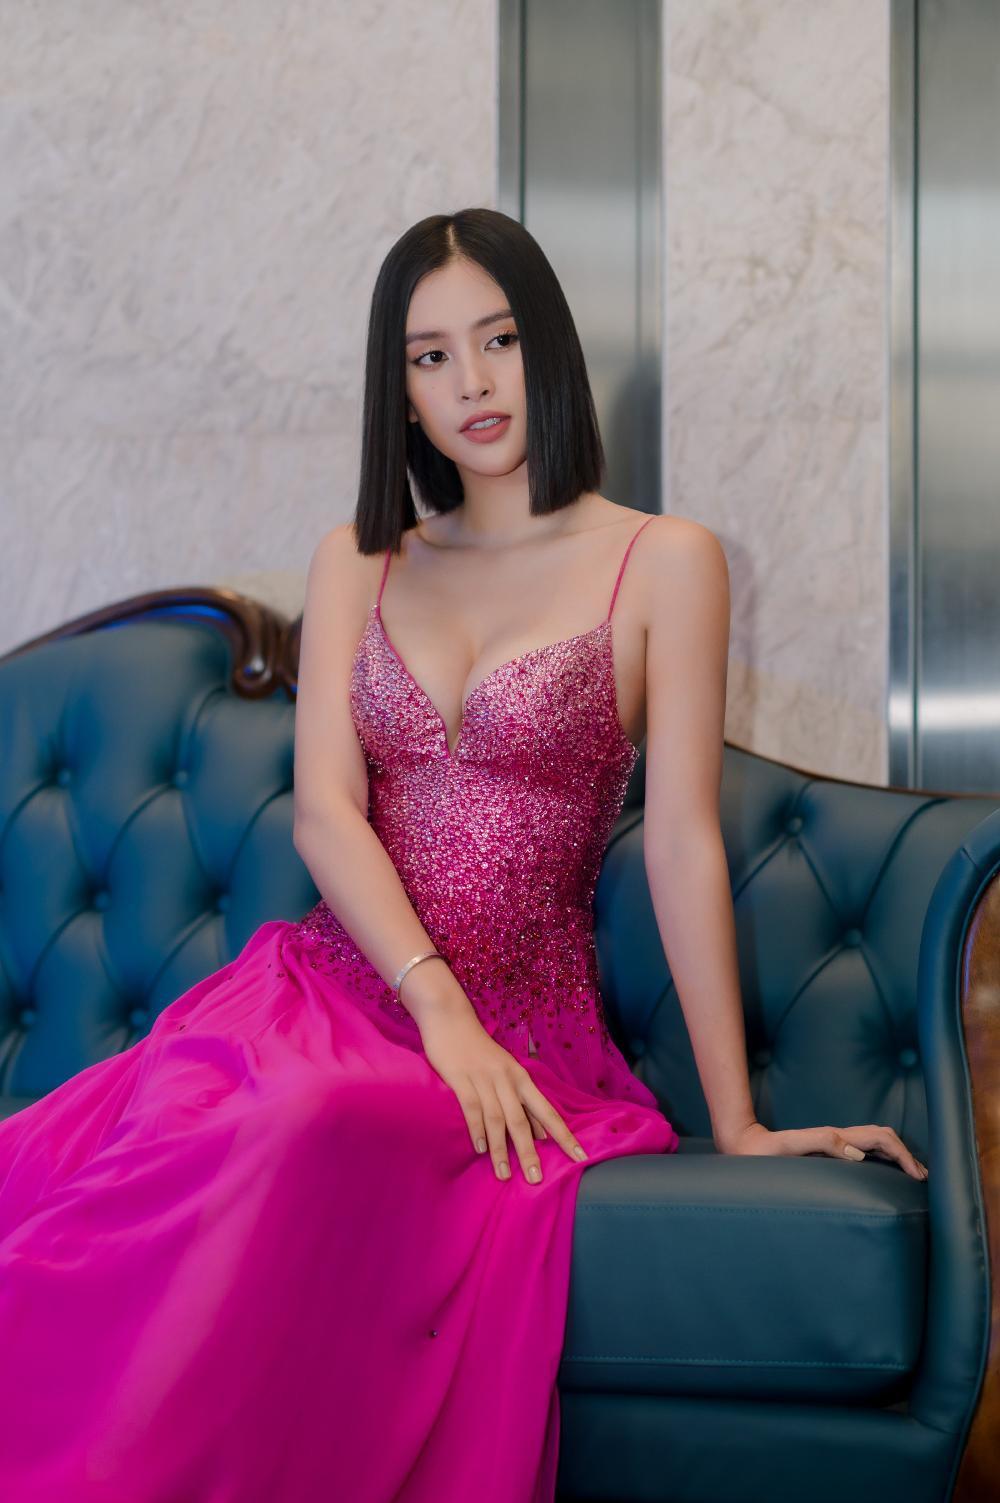 Hoa hậu Tiểu Vy khoe vòng 1 căng tràn trong bộ váy hồng cánh sen xẻ sâu Ảnh 4